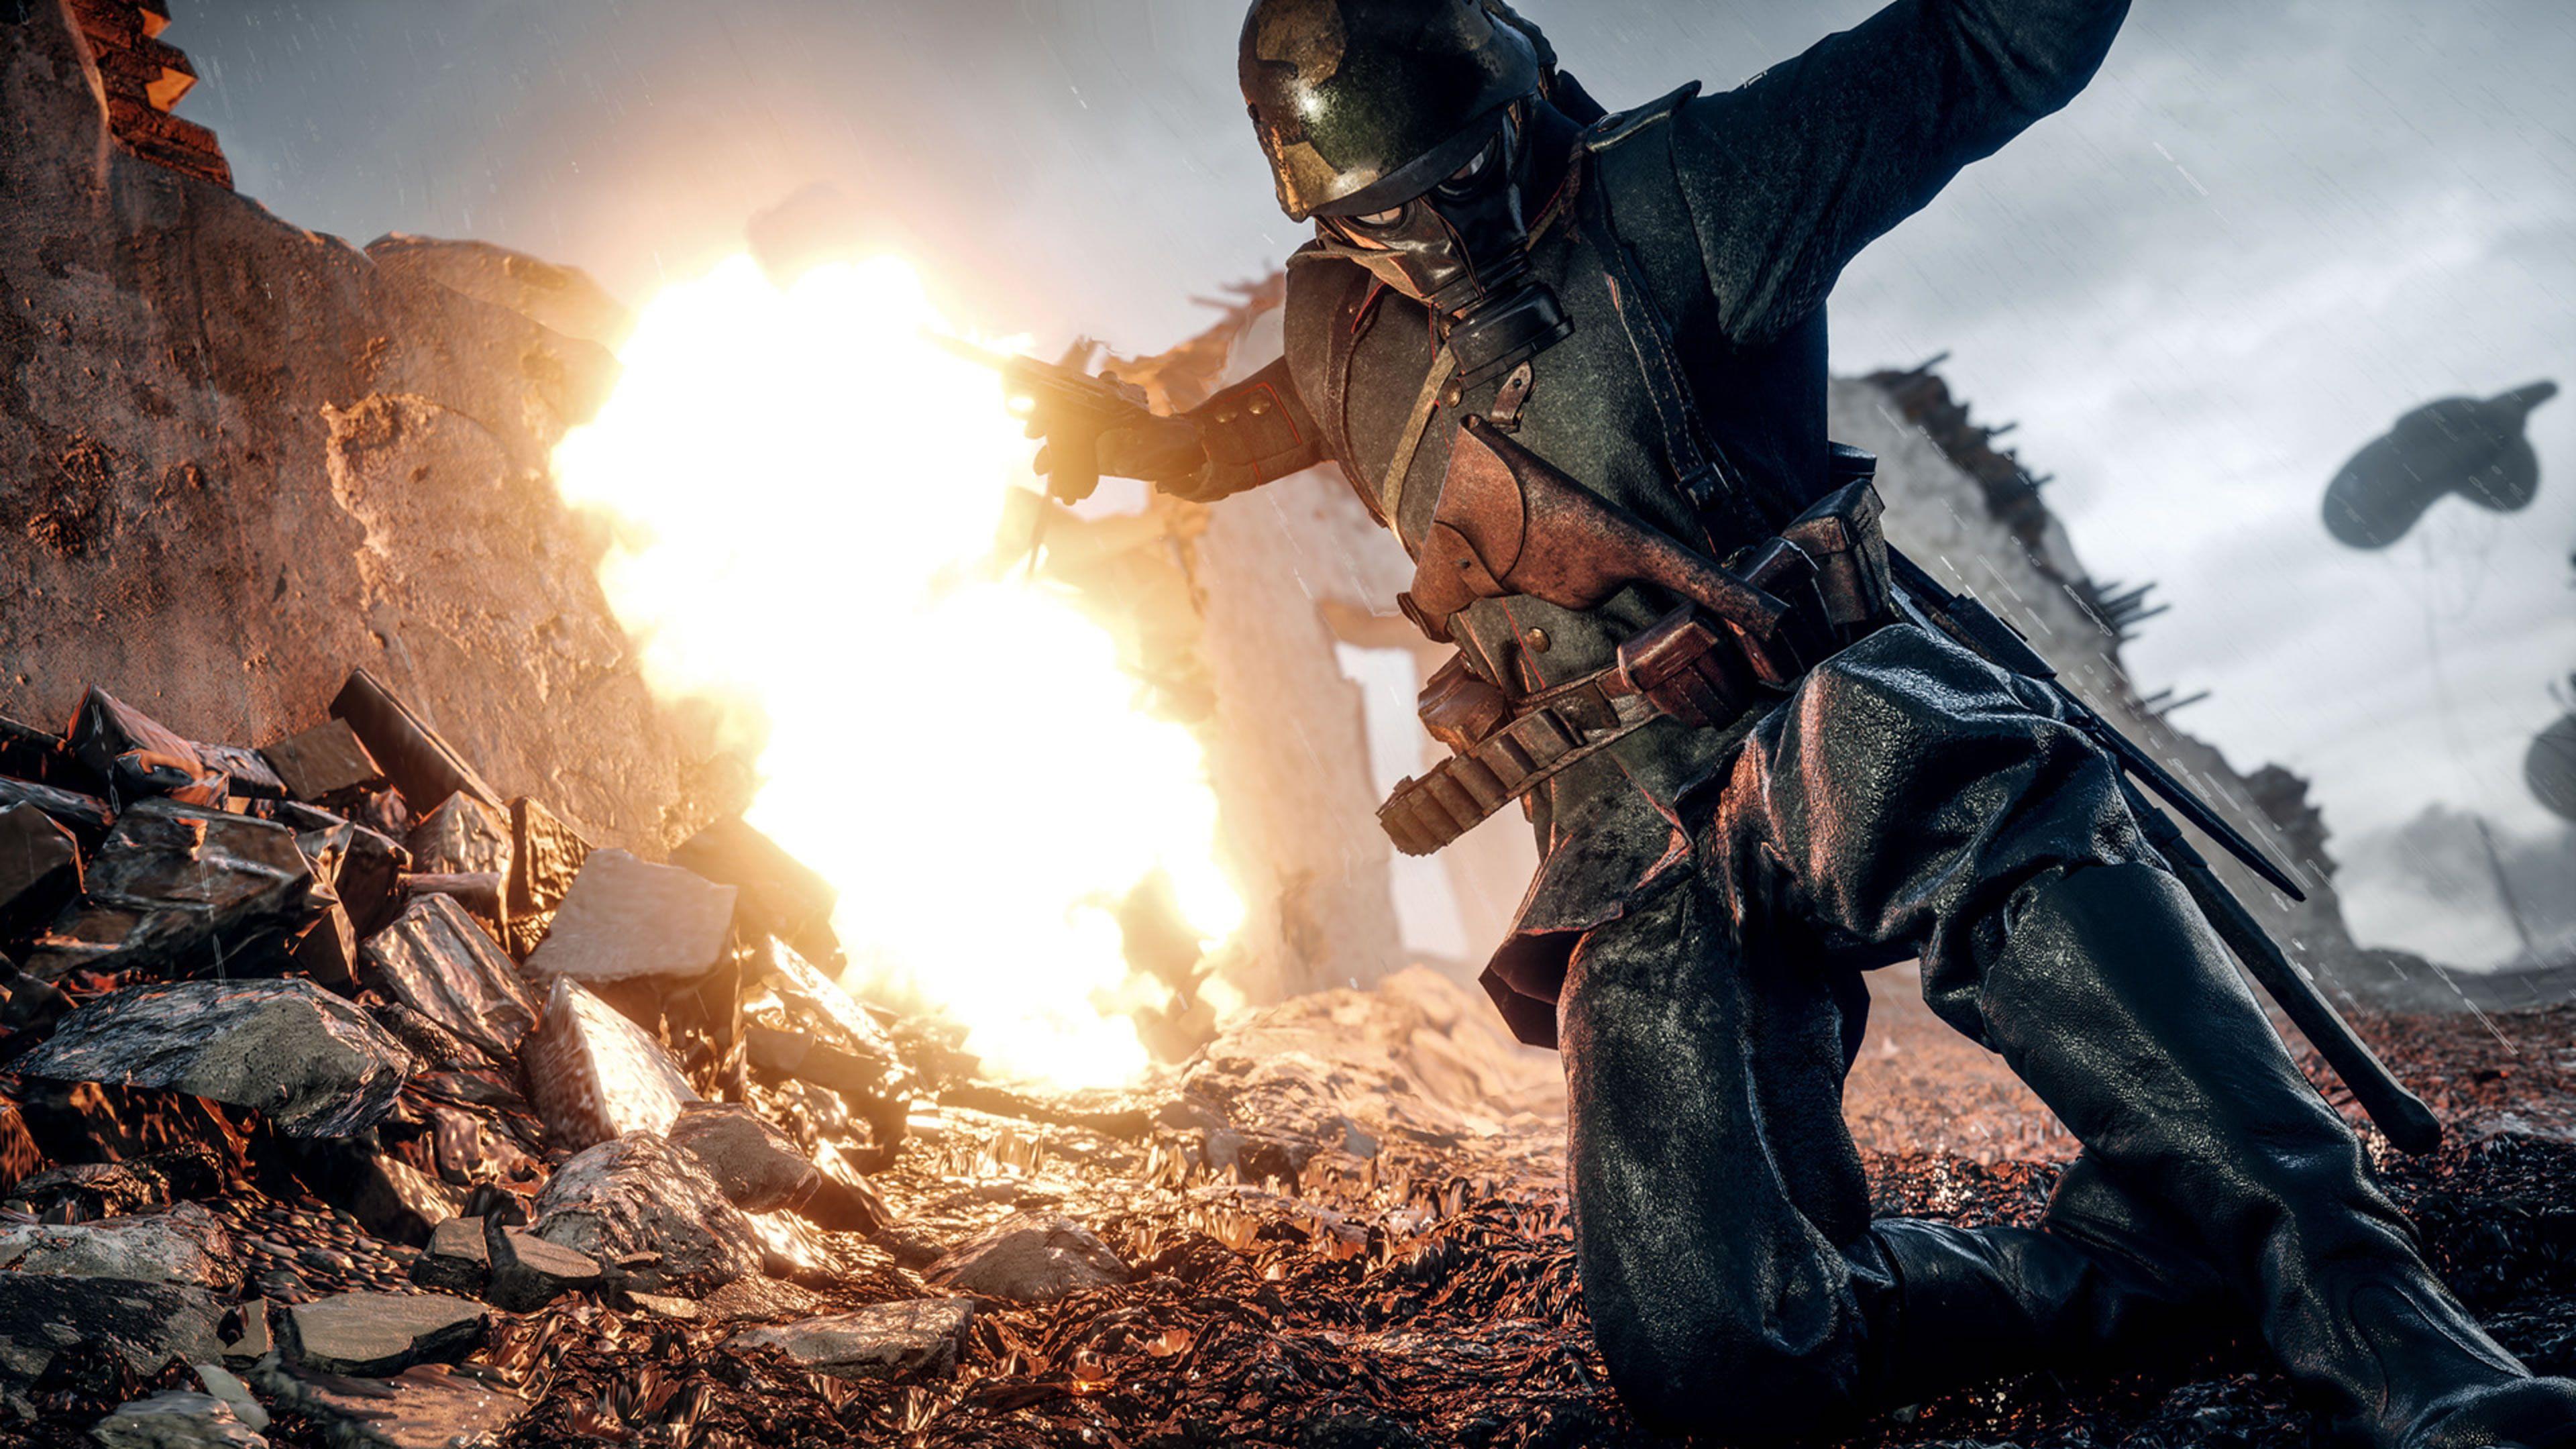 Battlefield 1 4k Wallpapers 5 Jpg 3840 2160 Battlefield